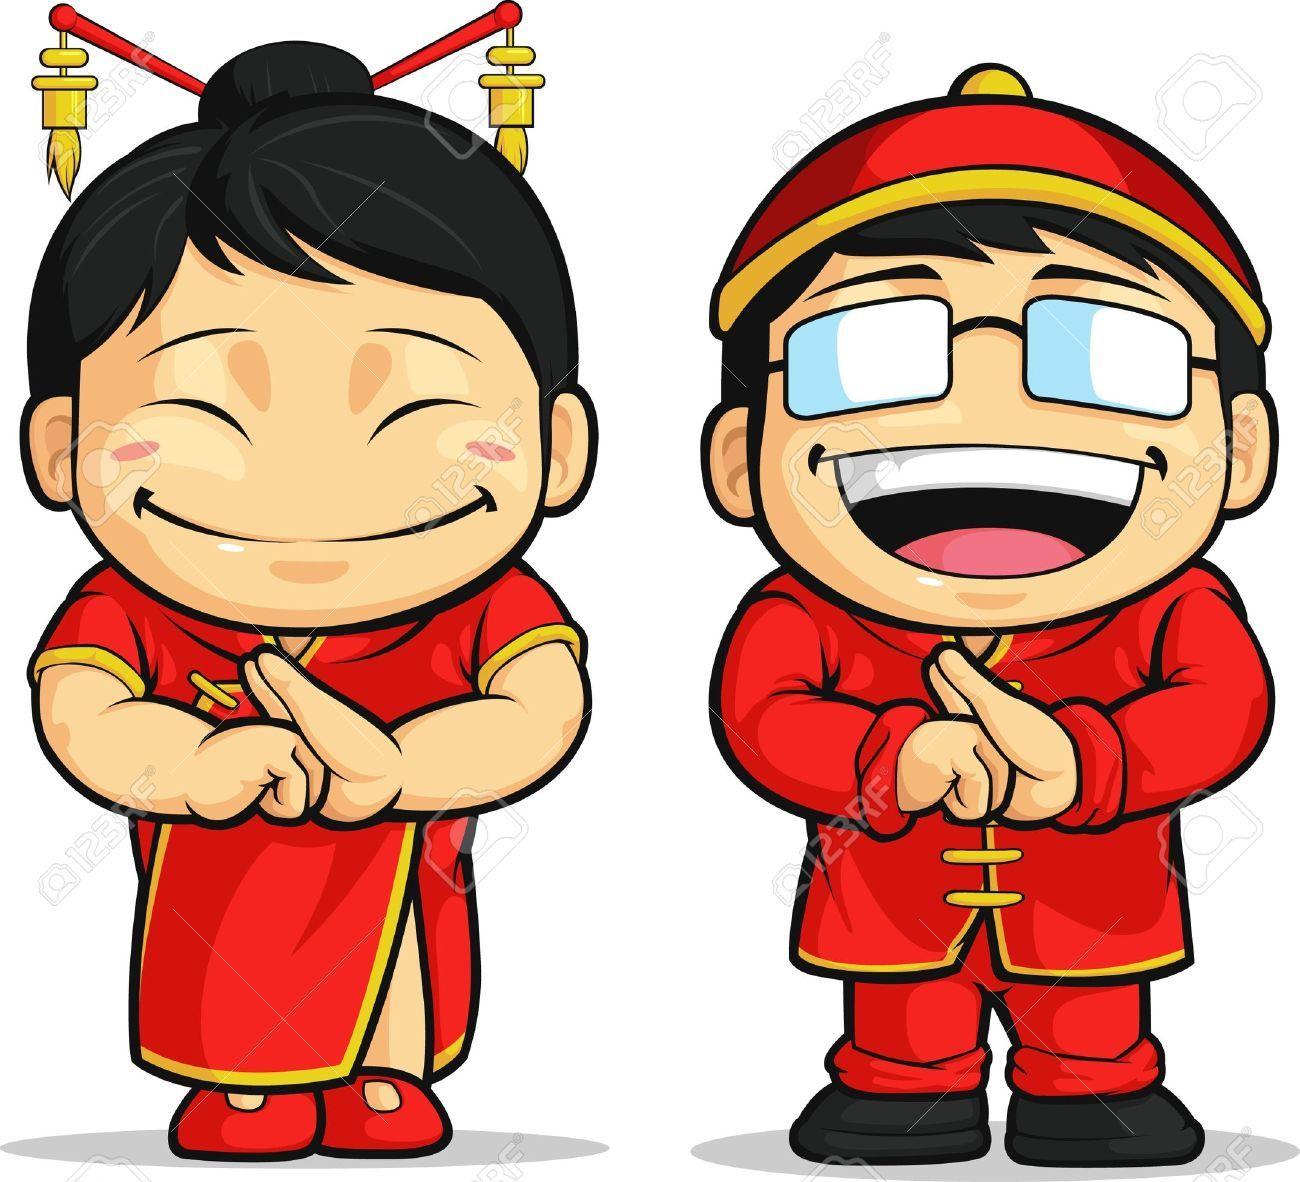 China clipart kid chinese, China kid chinese Transparent.